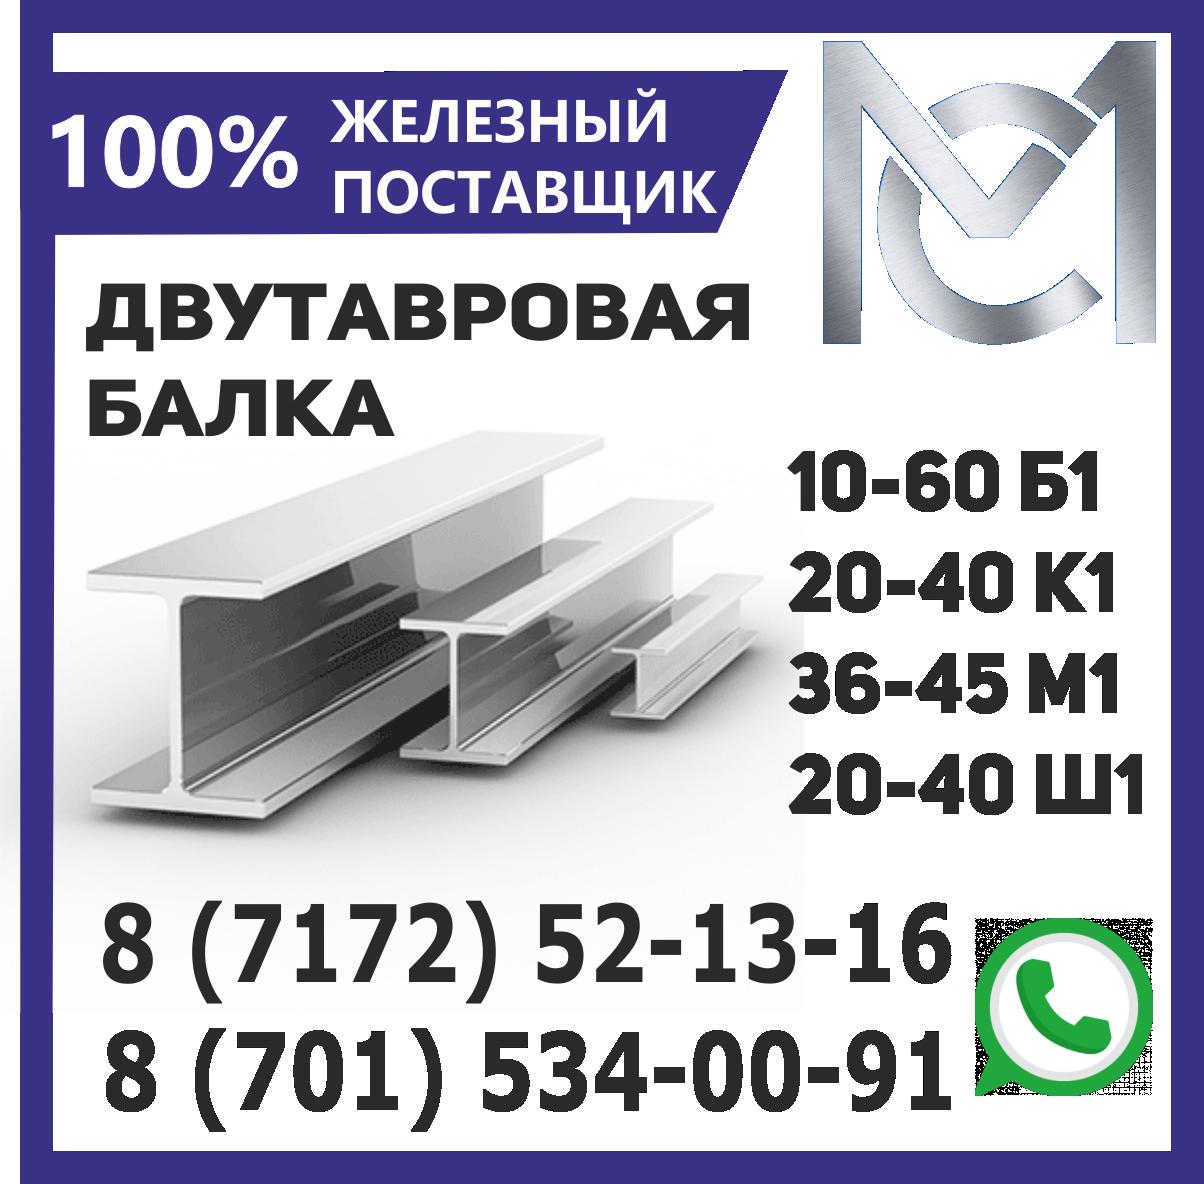 Балка 18 Б1 двутавровая ГОСТ 8239-93 L 12,0 метров